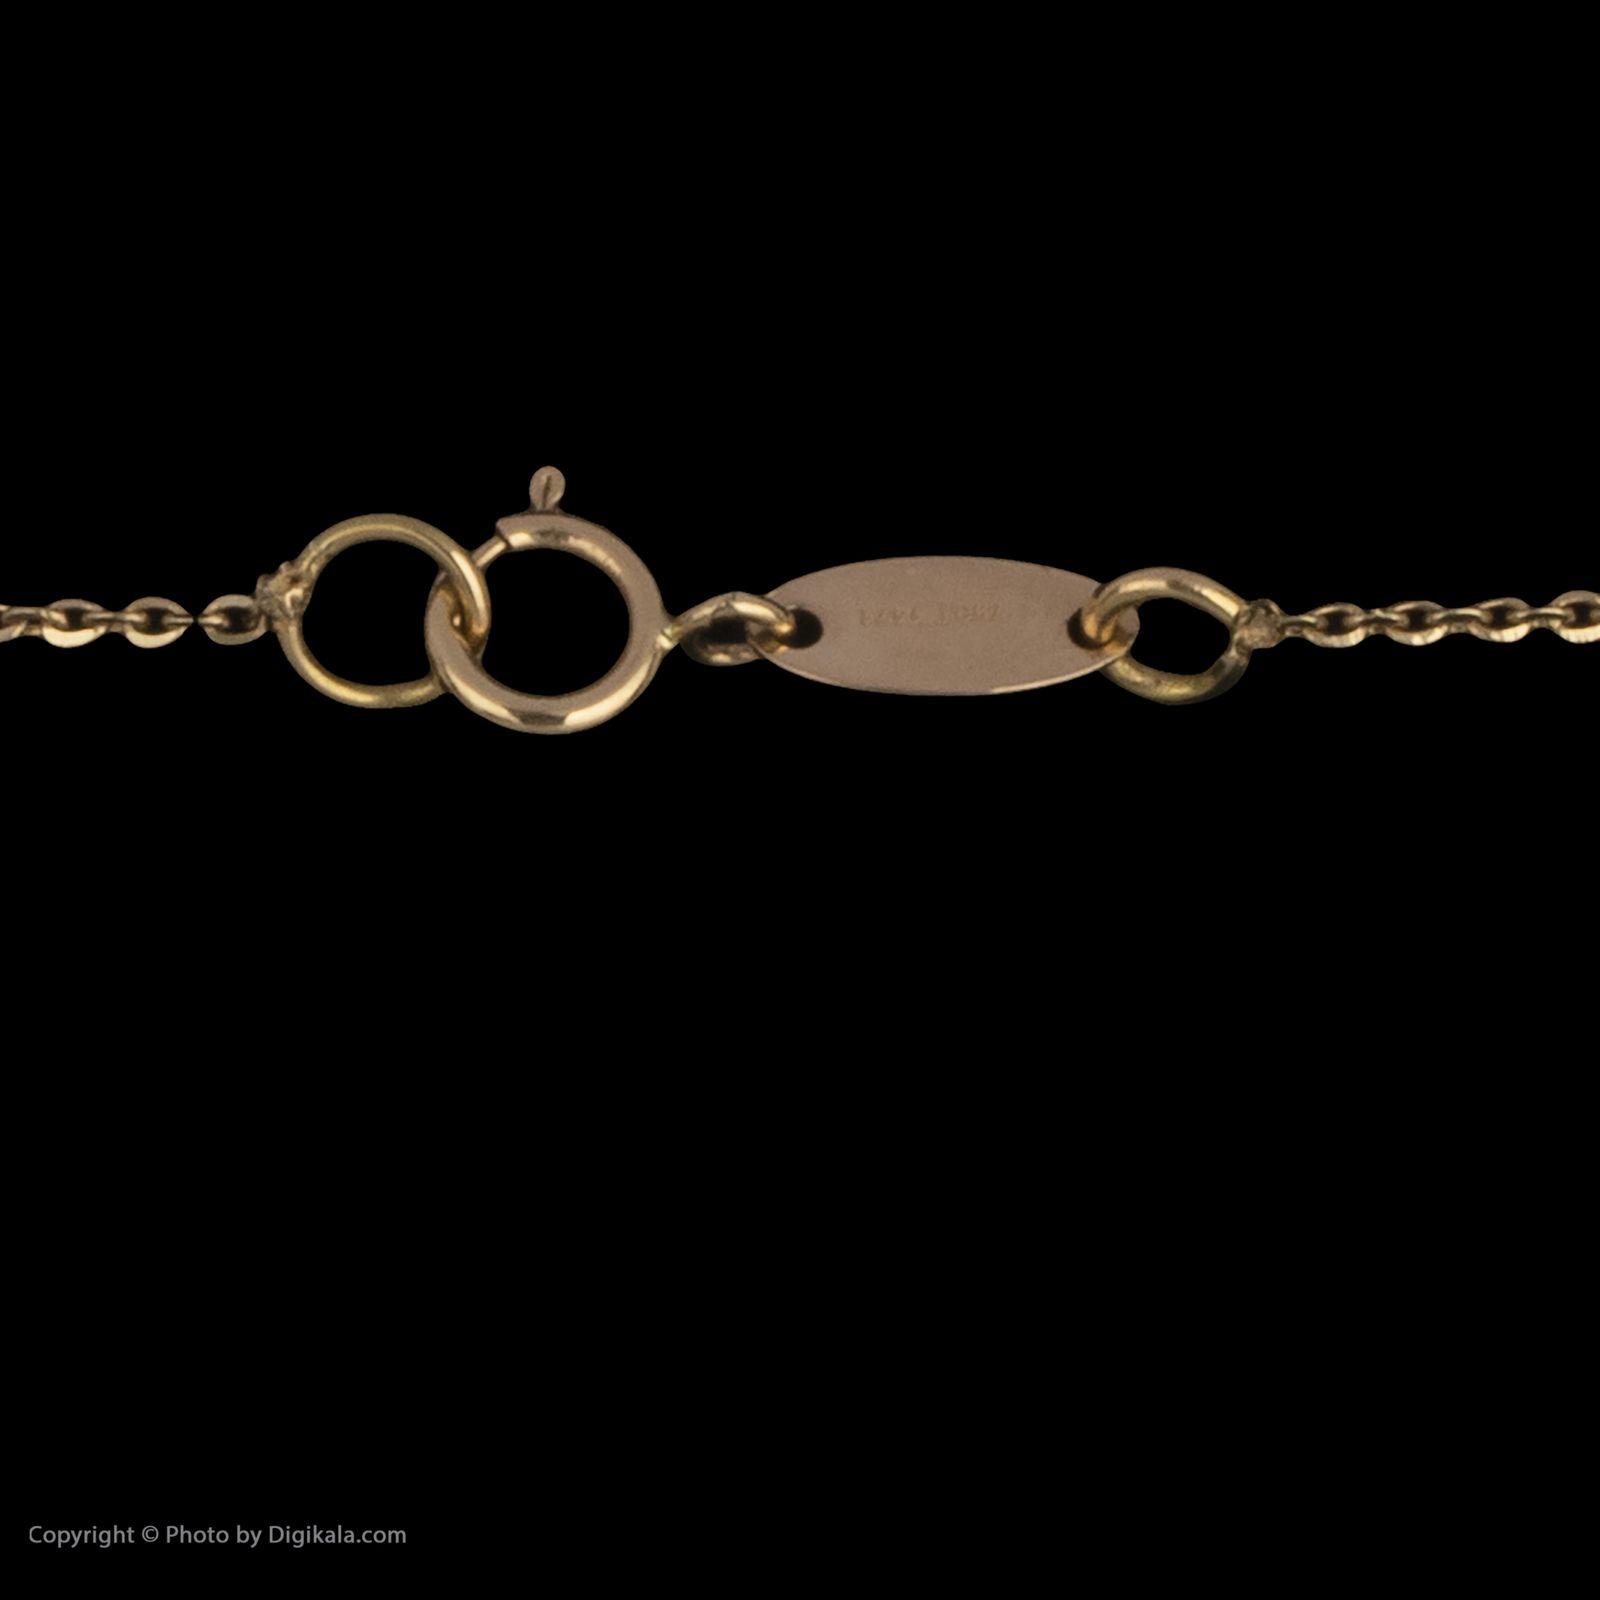 گردنبند طلا 18 عیار زنانه سیودو مدل 145719 -  - 5